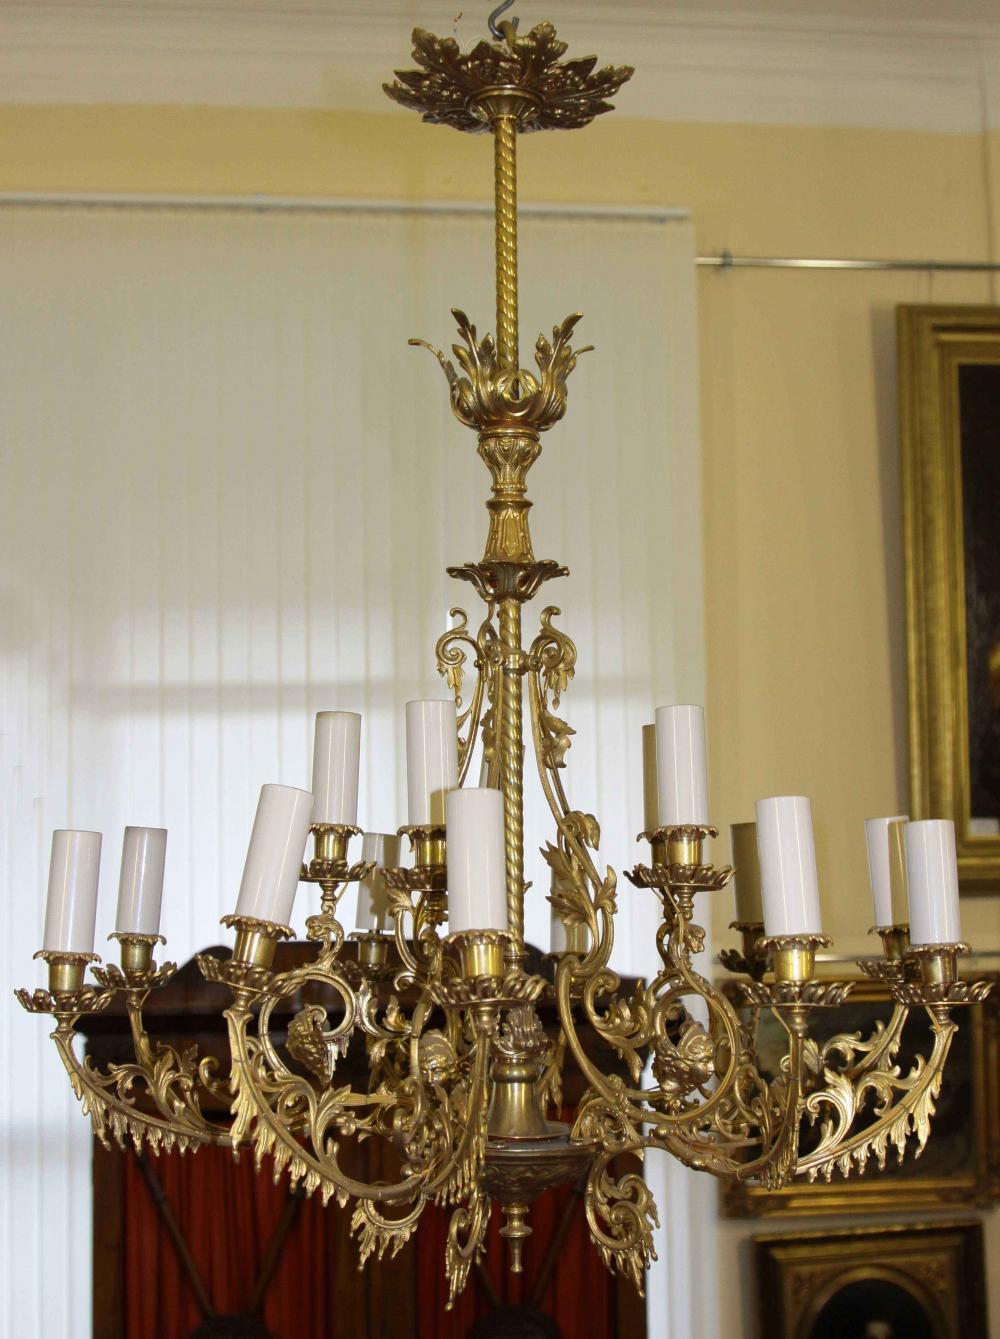 Люстра старинная бронзовая золочённая в эклектичном стиле на пятнадцать свечей